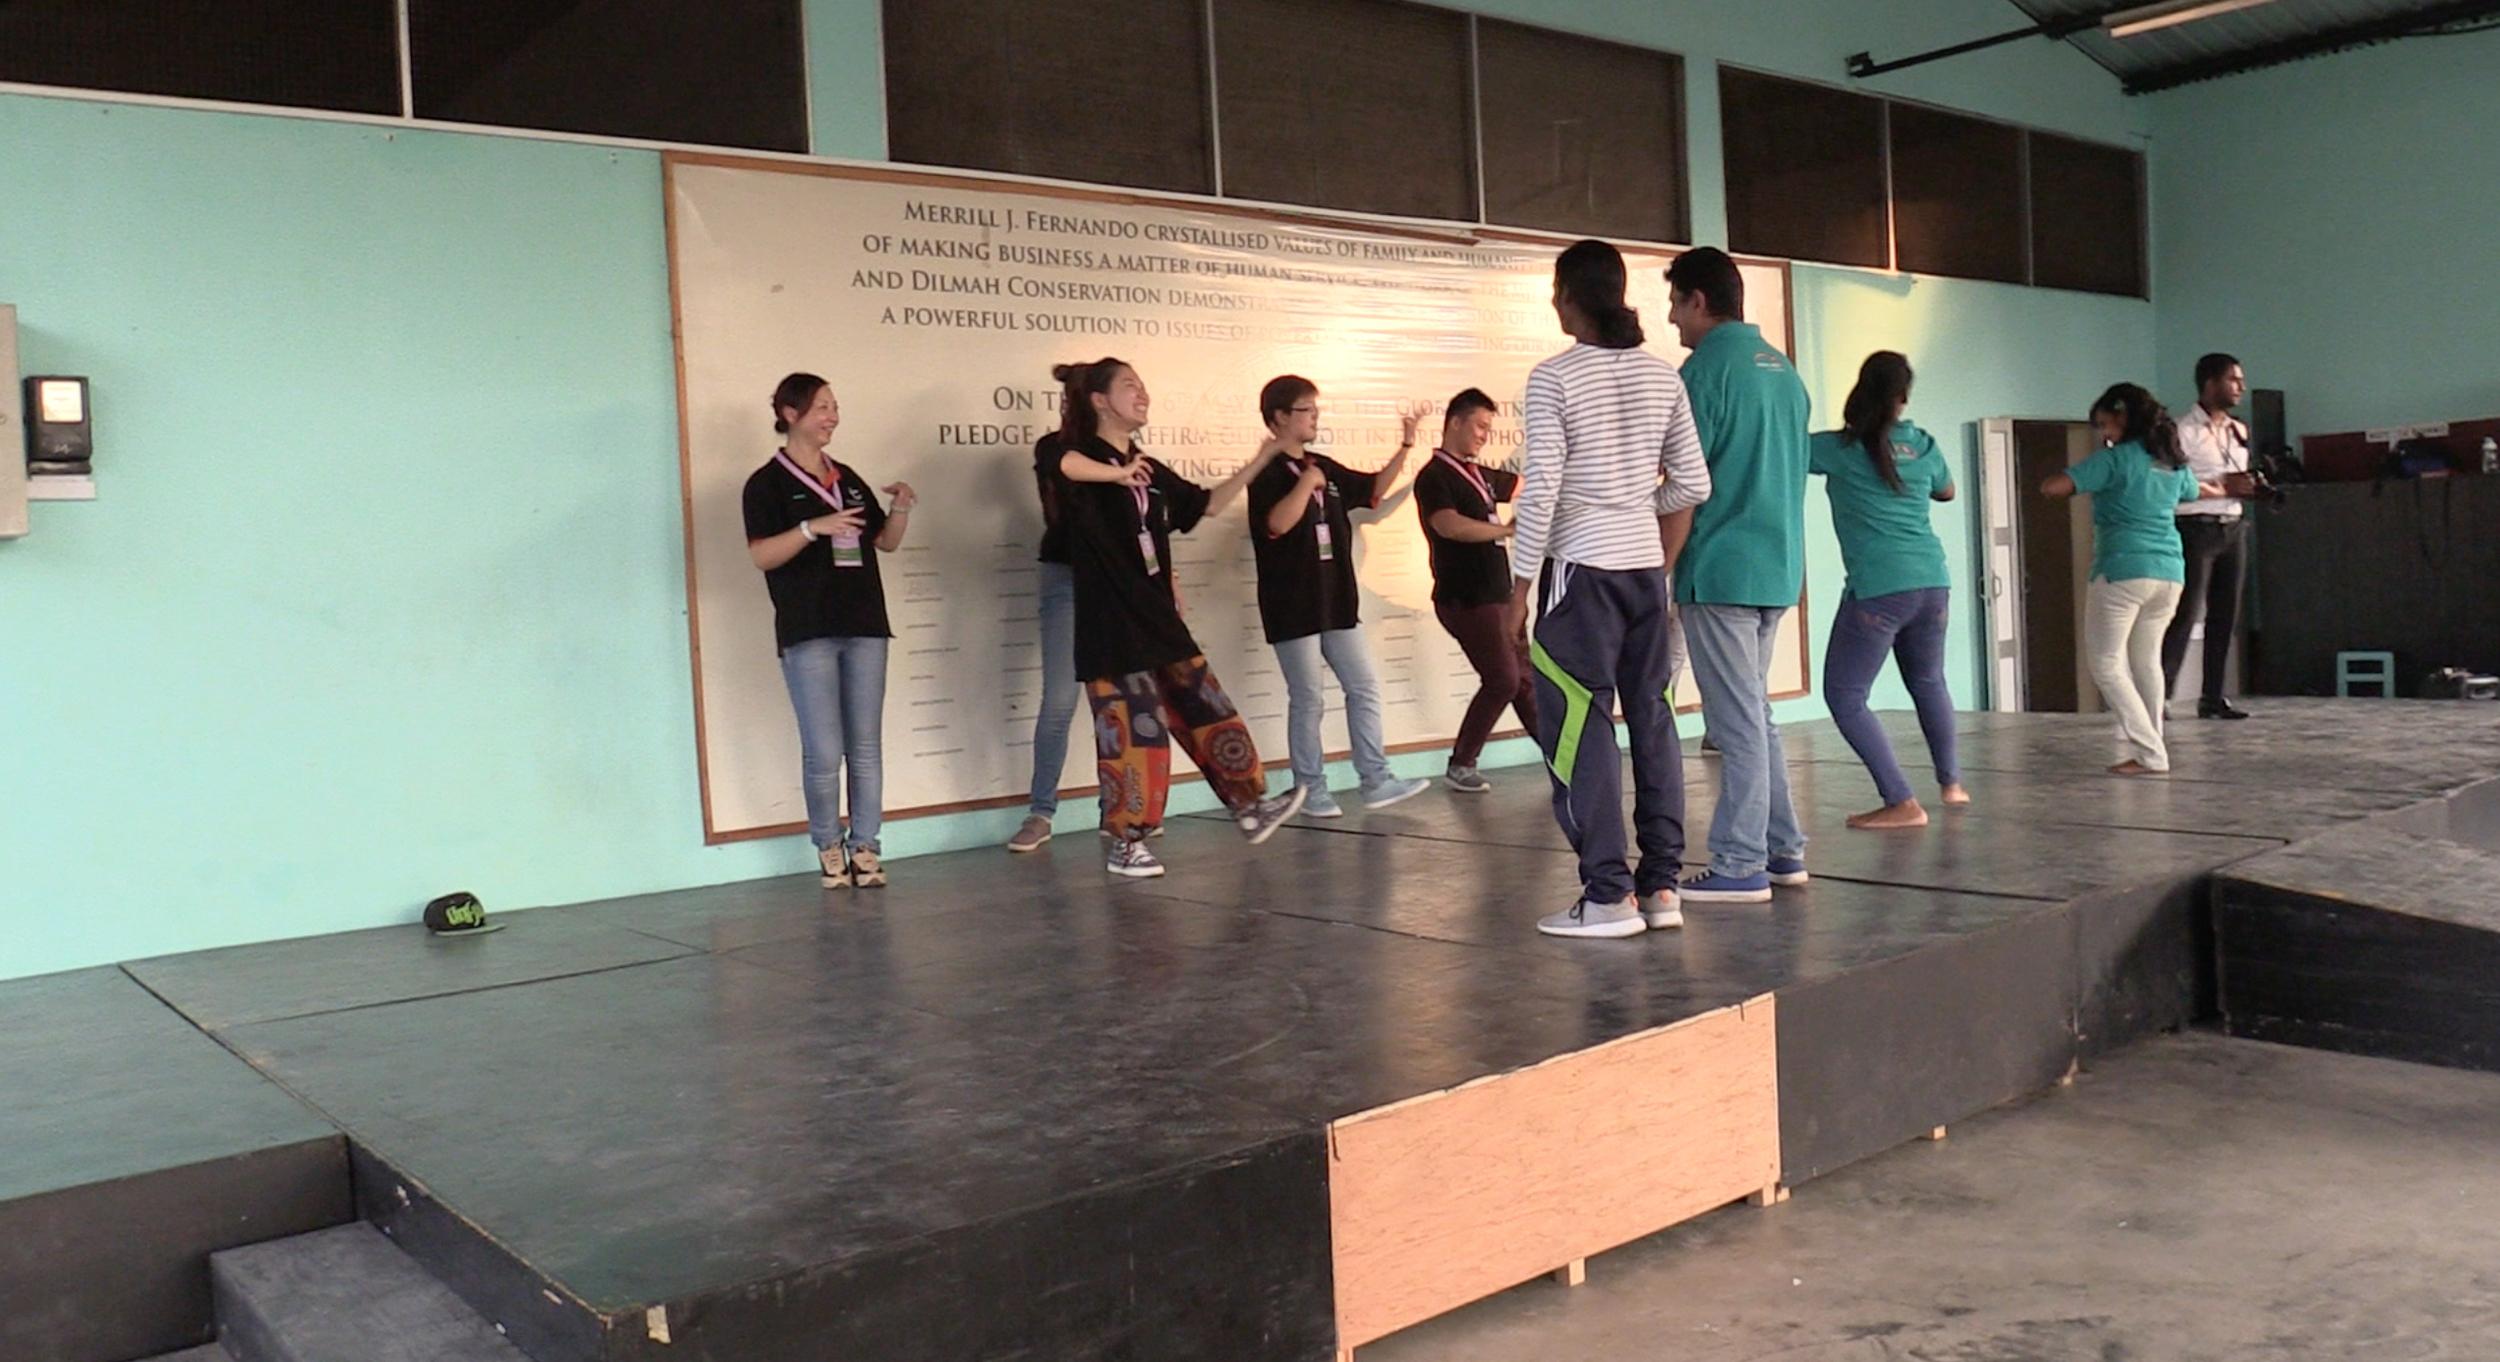 Dancing class at MJF